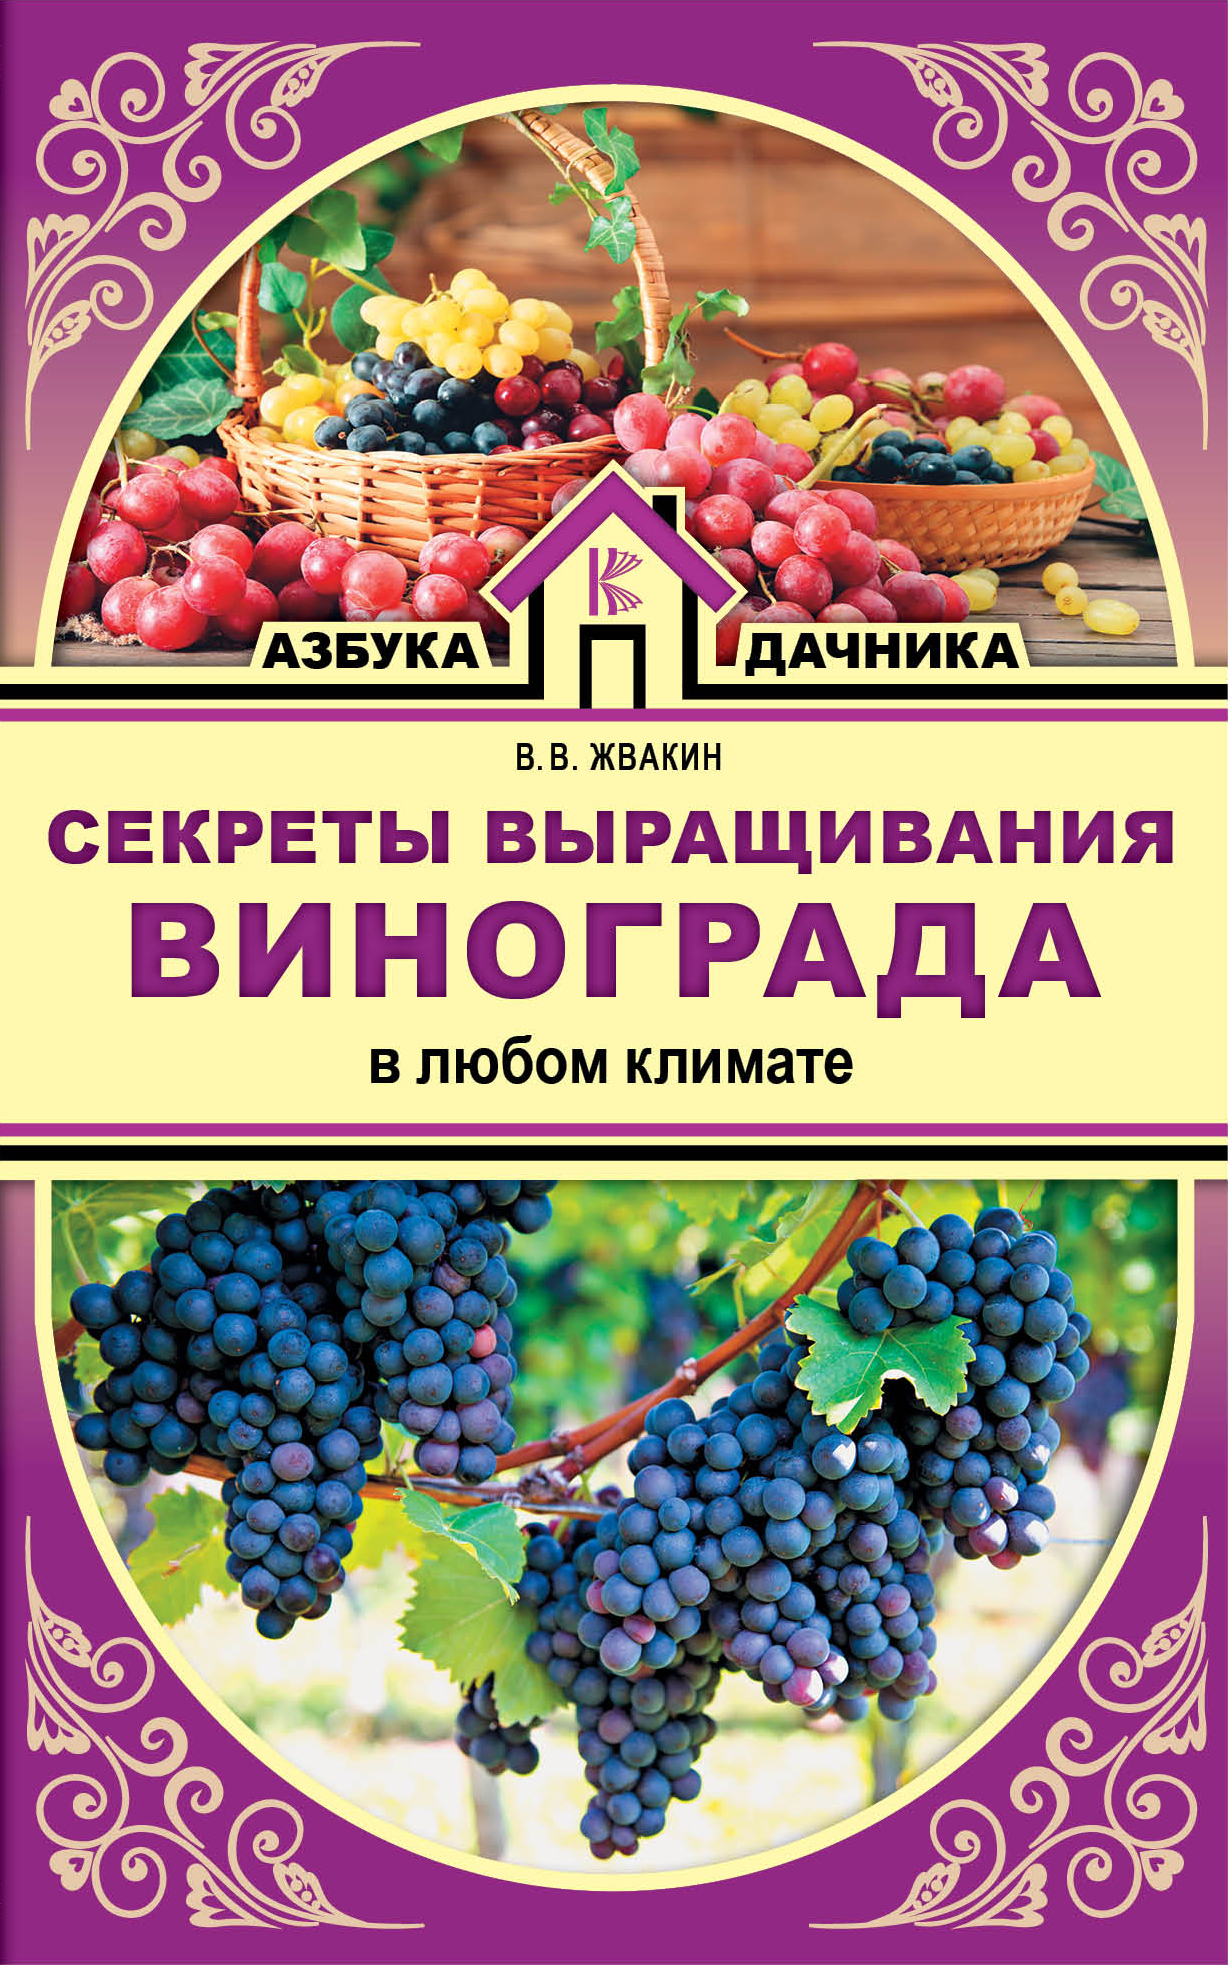 В. В. Жвакин Секреты выращивания винограда в любом климате